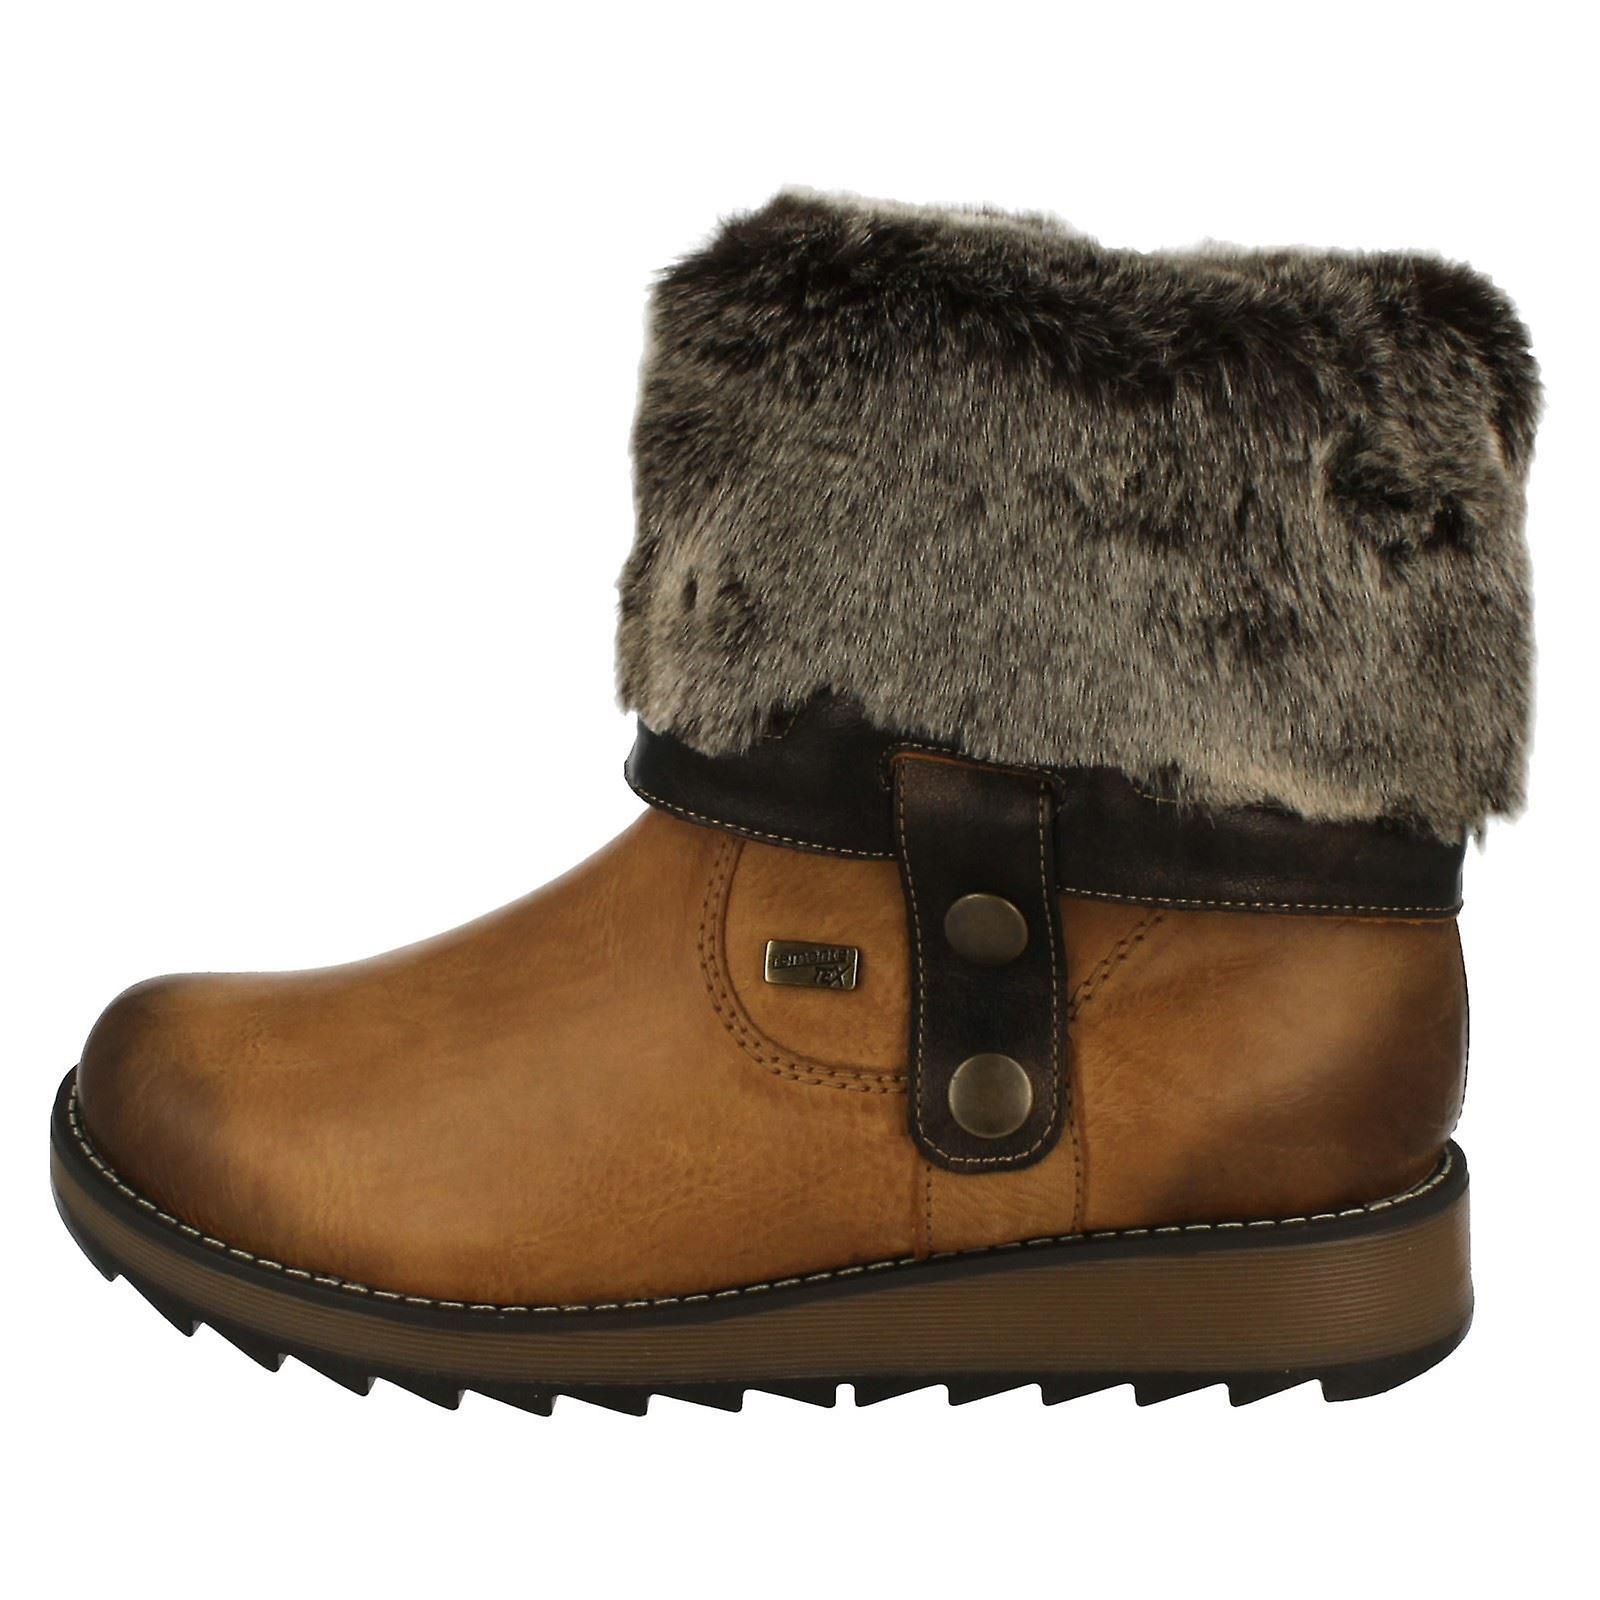 Ladies Remonte Alle Vær Warmlined Støvler D8874